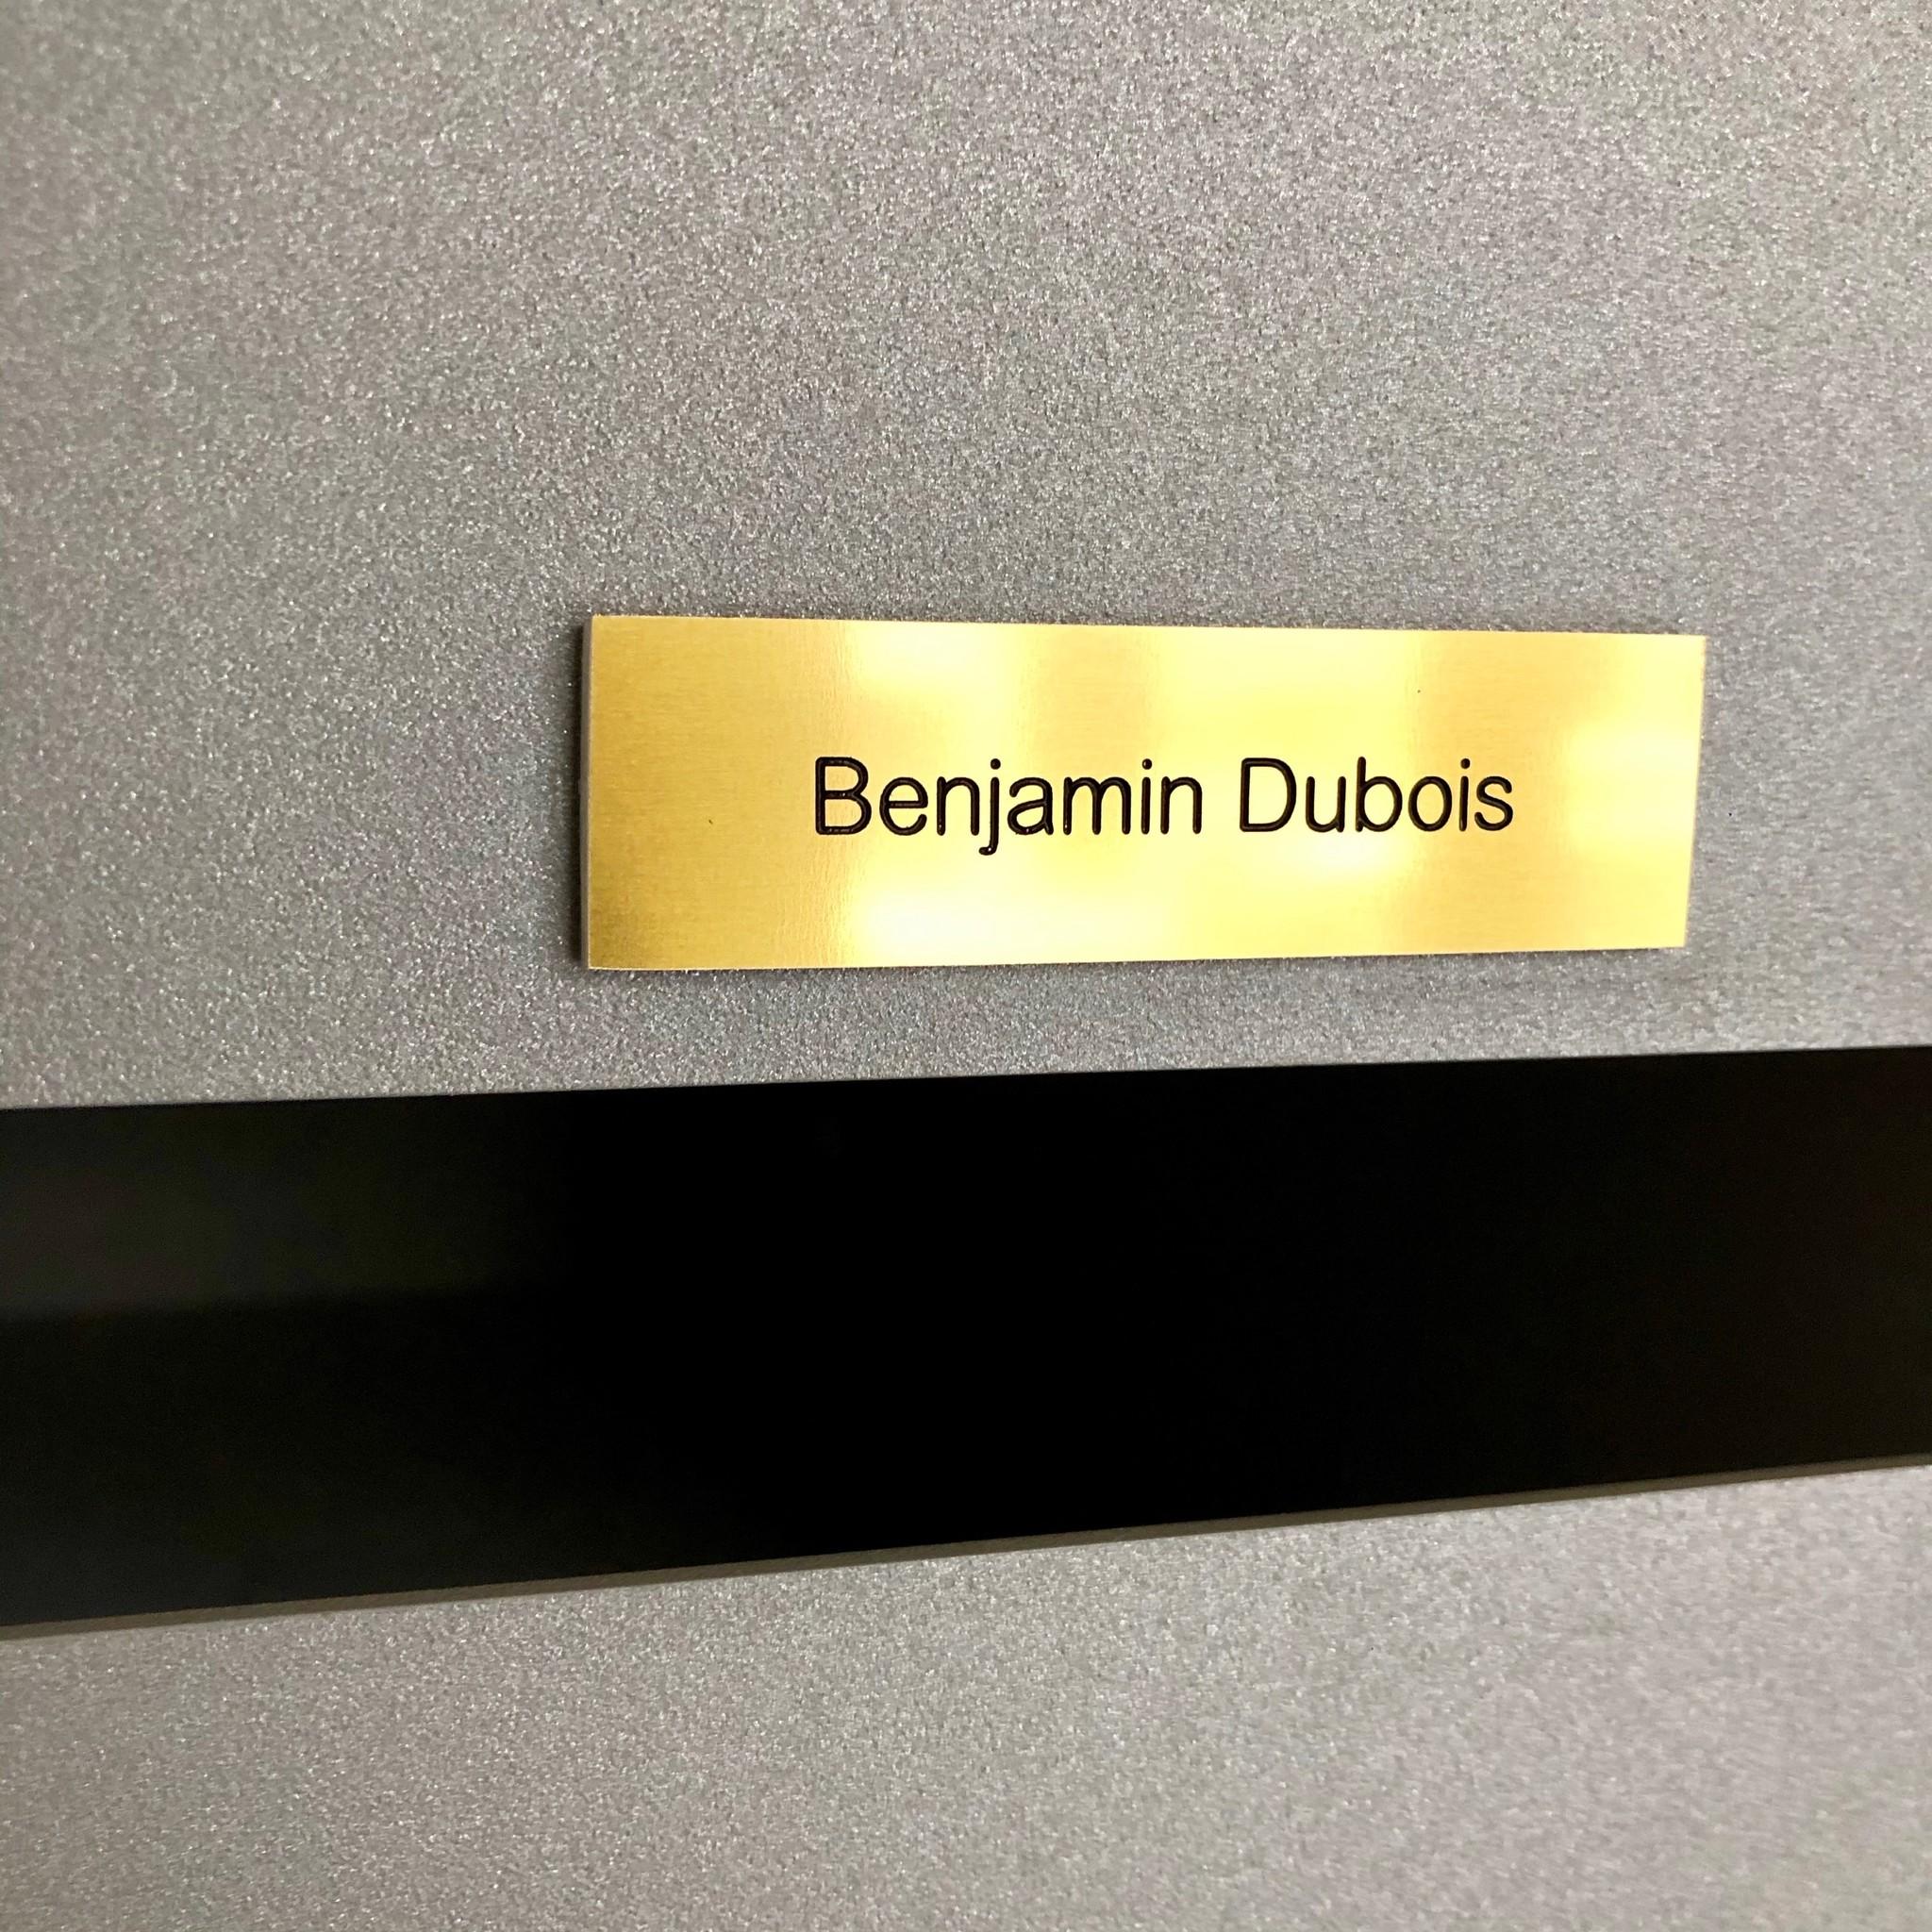 Naamplaatje in goudkleurig aluminium voor brievenbus, bel of lift